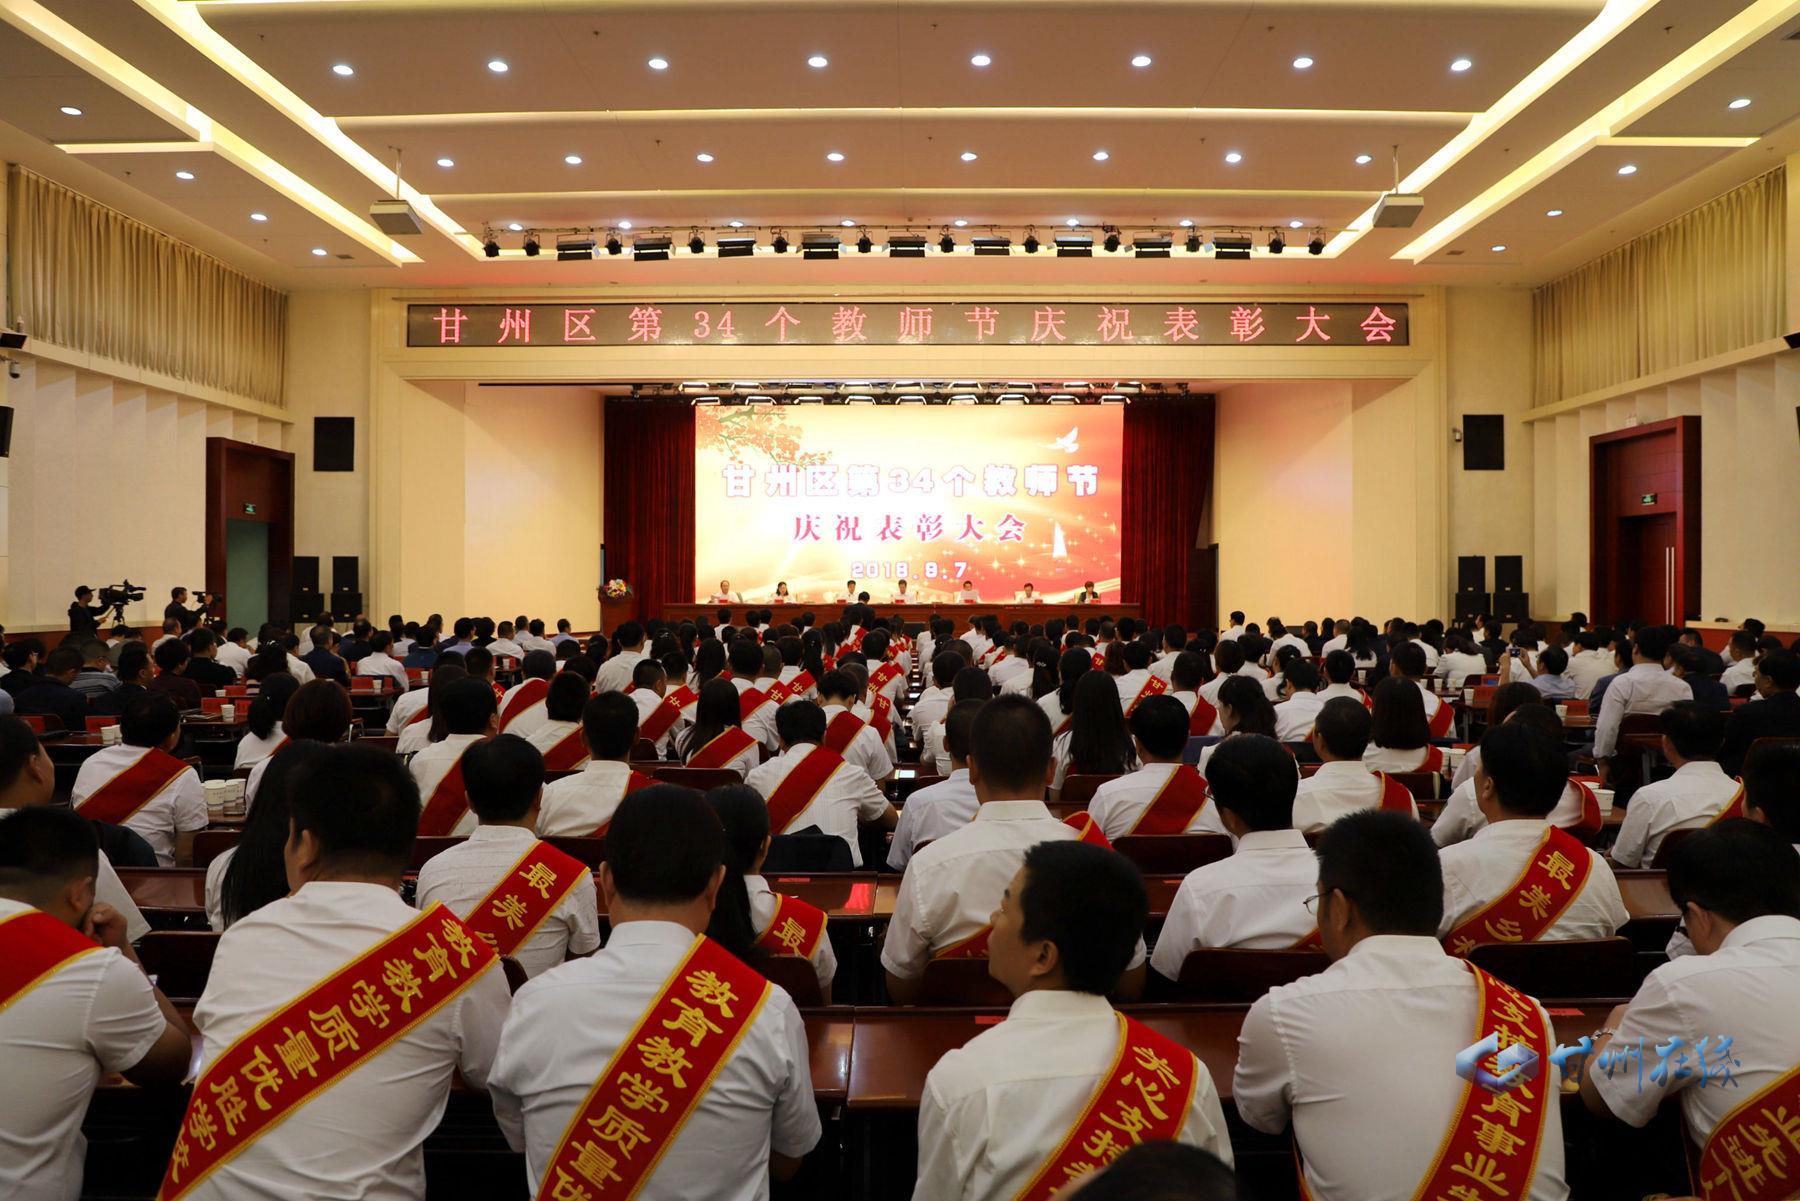 甘州区庆祝第34个教师节暨表彰大会隆重举行